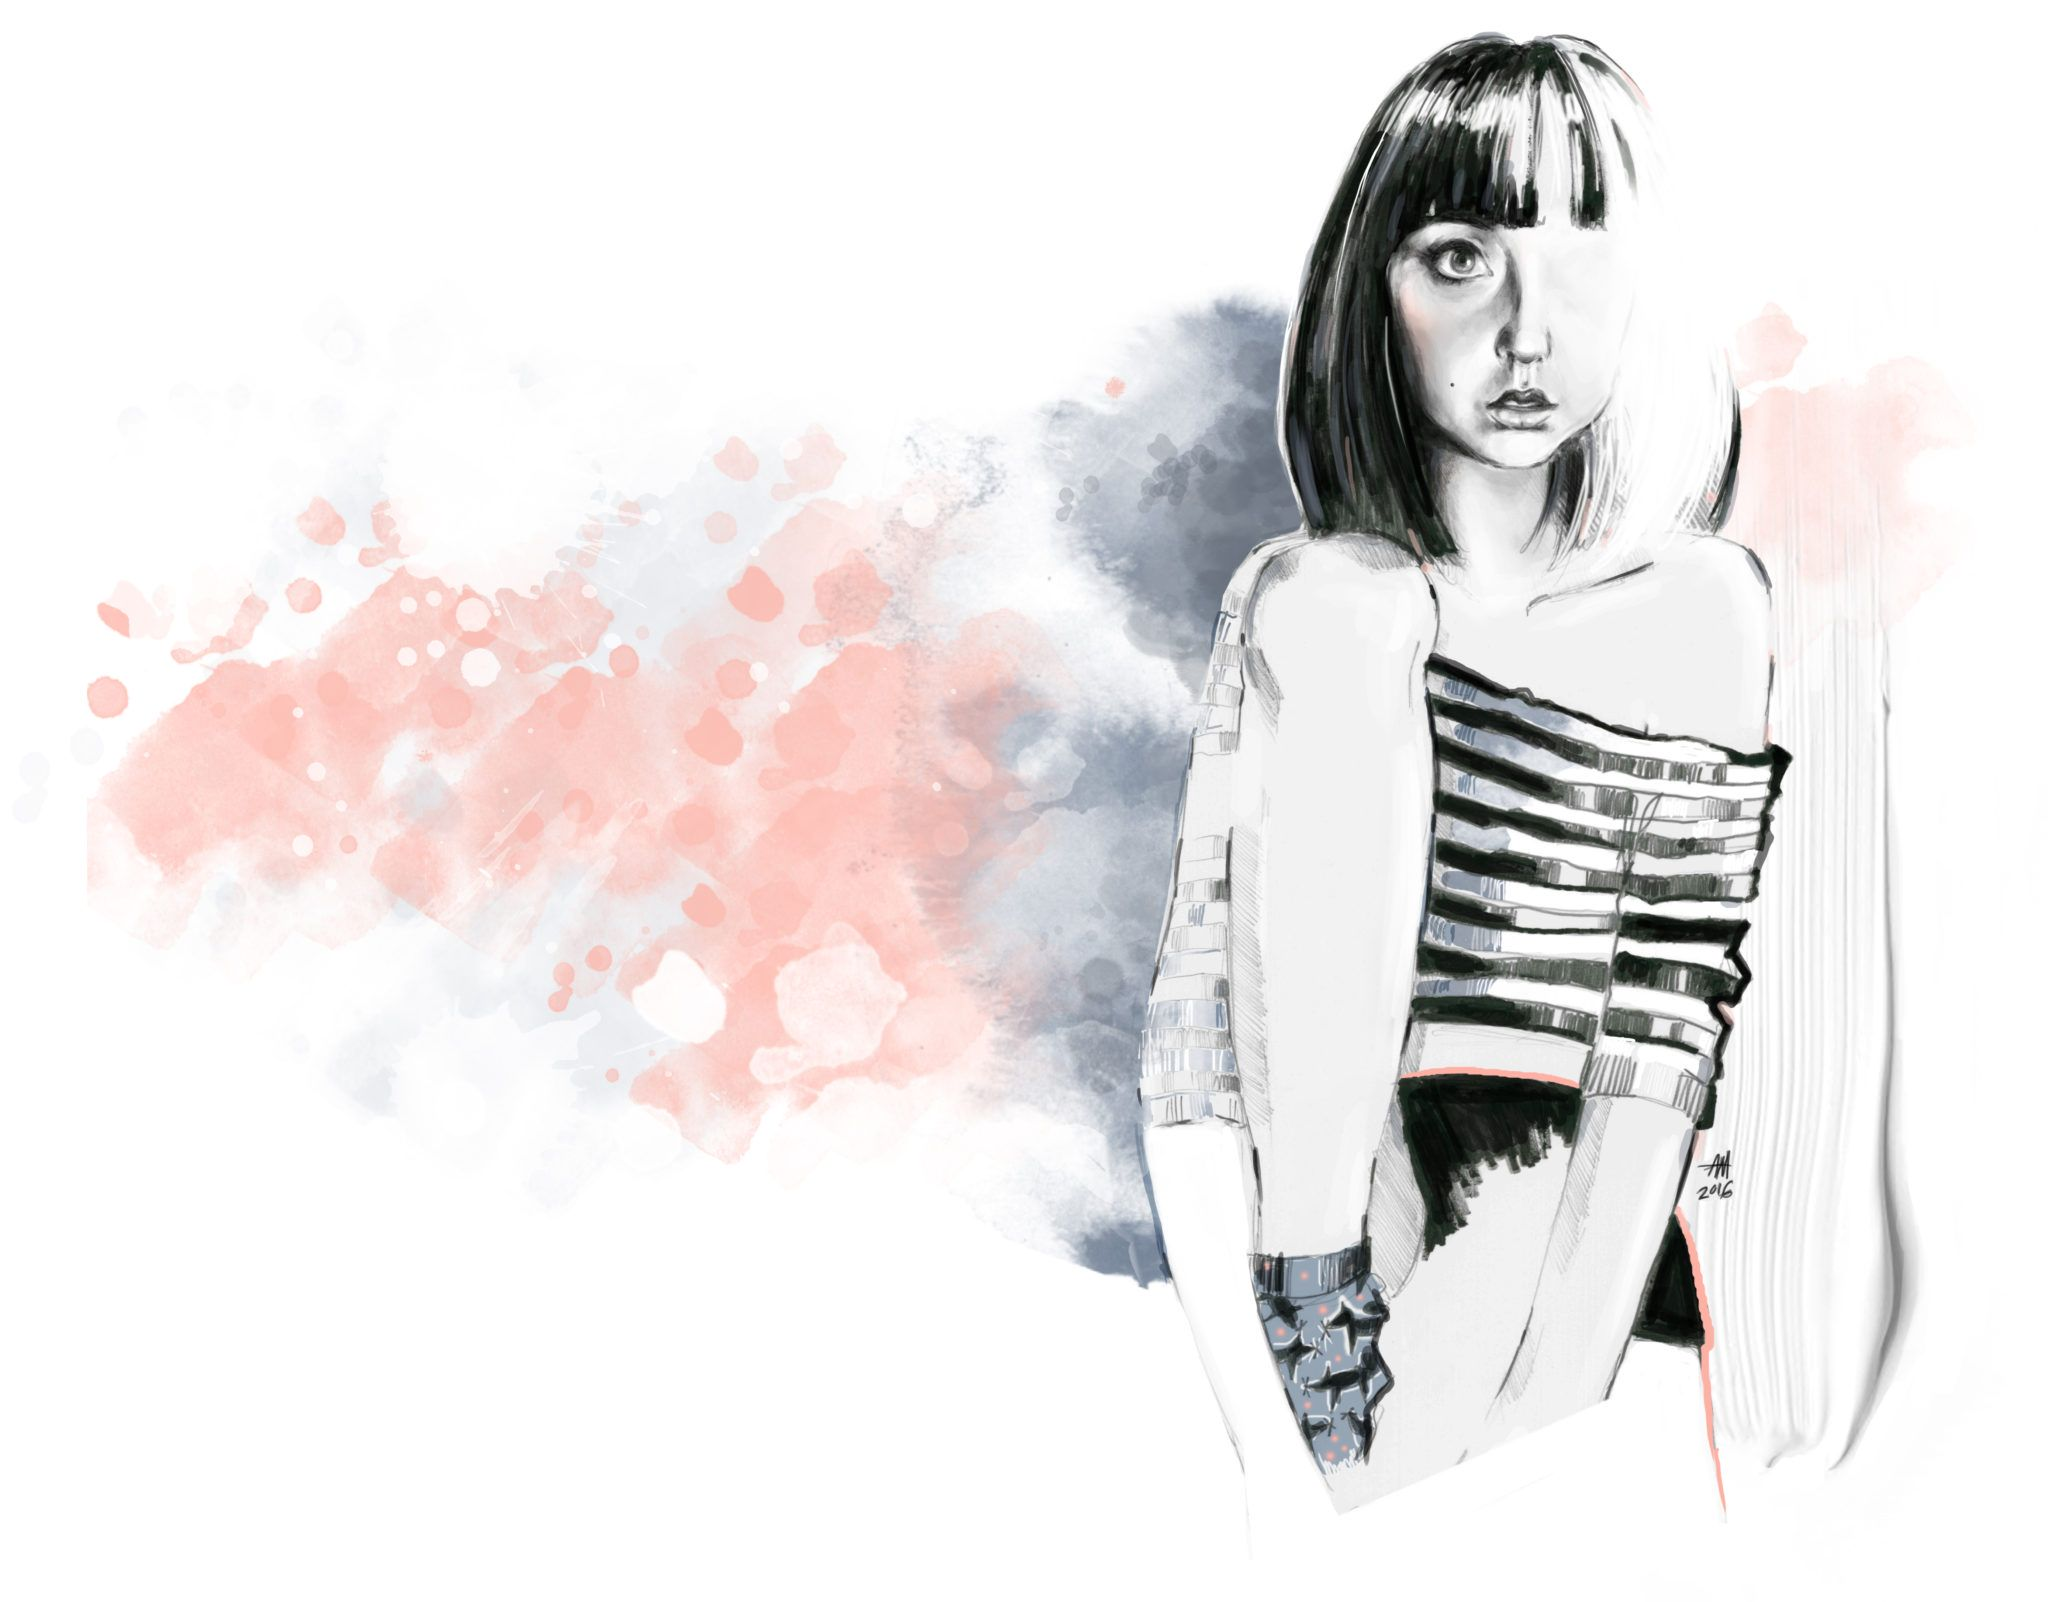 Ilustracja dziewczyny w ciemnych wlosach do ramion lewe kolano ma zgiete ma gole nogi ubrana w czarne szorty i oversizeowa bluzke w czarno biale paski opadajaca z prawego ramienia na tle sa brzoskwiniowe i czarne plamy